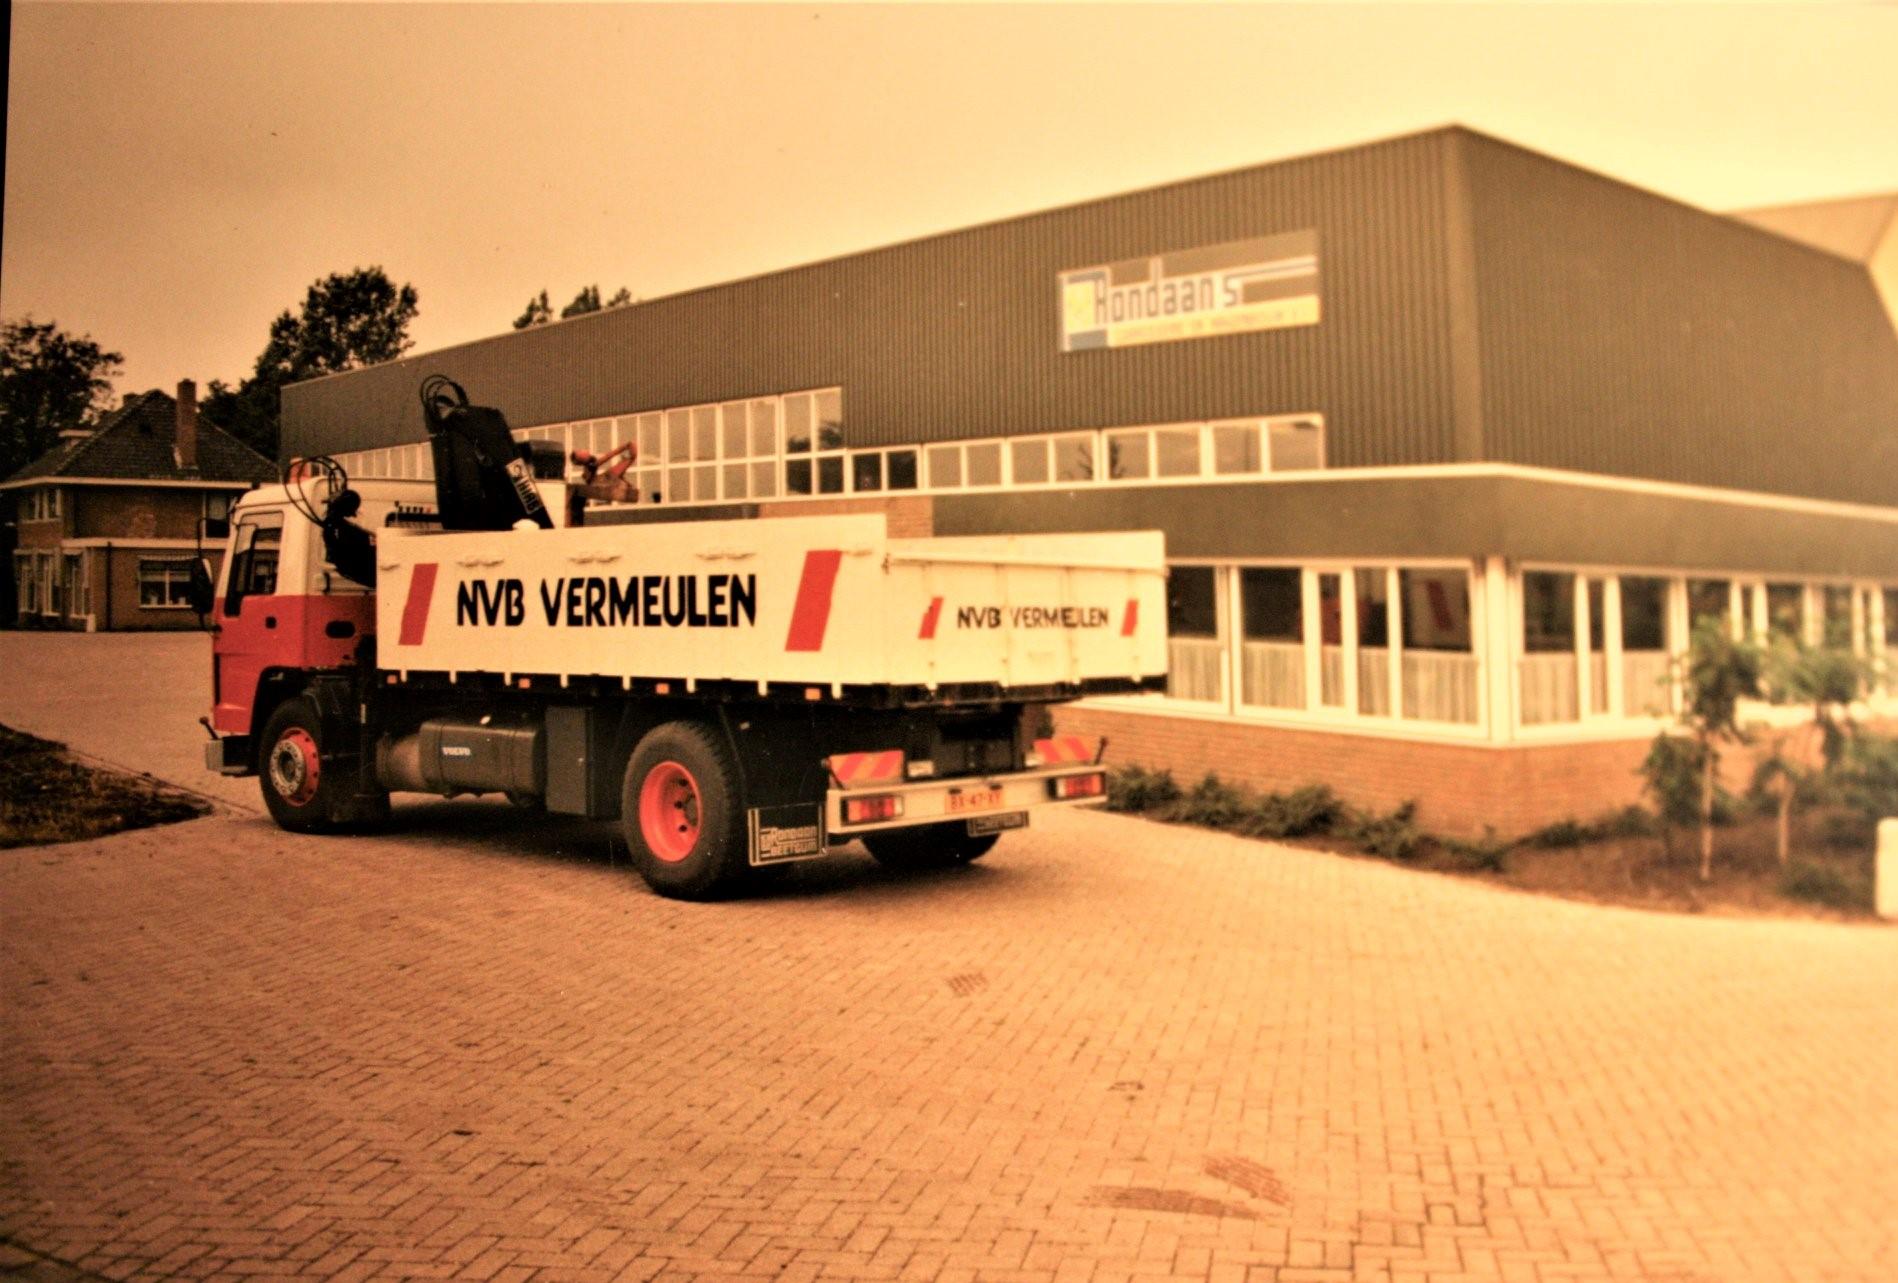 Volvo-FL7-is-door-Rondaan-in-Berlikum-een-kipperbak-en-een-kraan-opgebouwd-voor-Bouwmaterialen-Handel-NVB-in-Leeuwarden-2